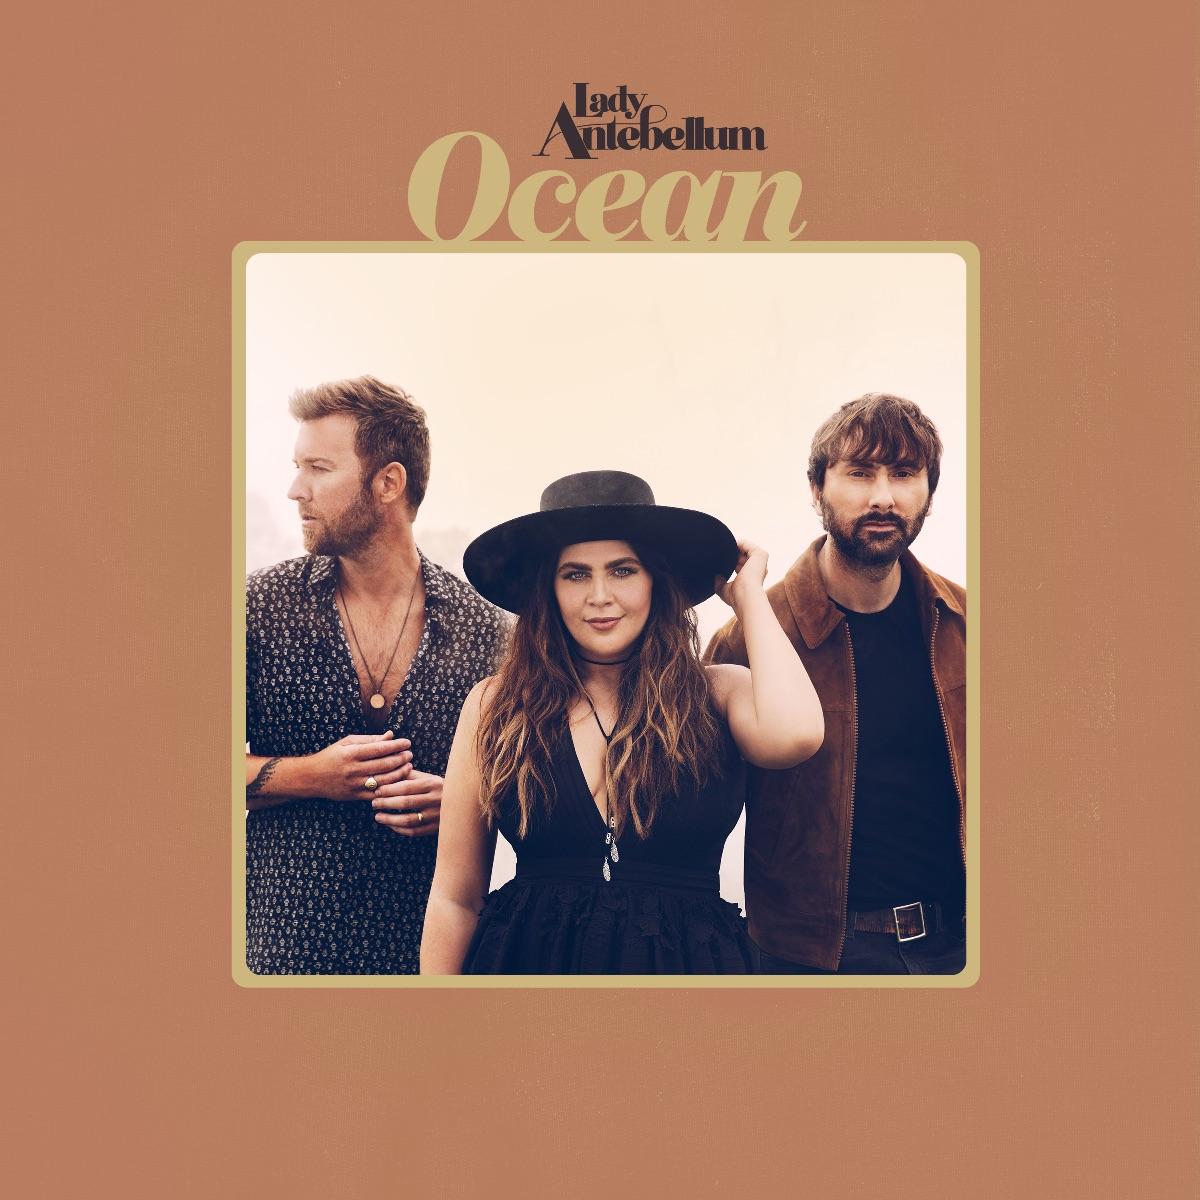 lady-antebellum-ocean